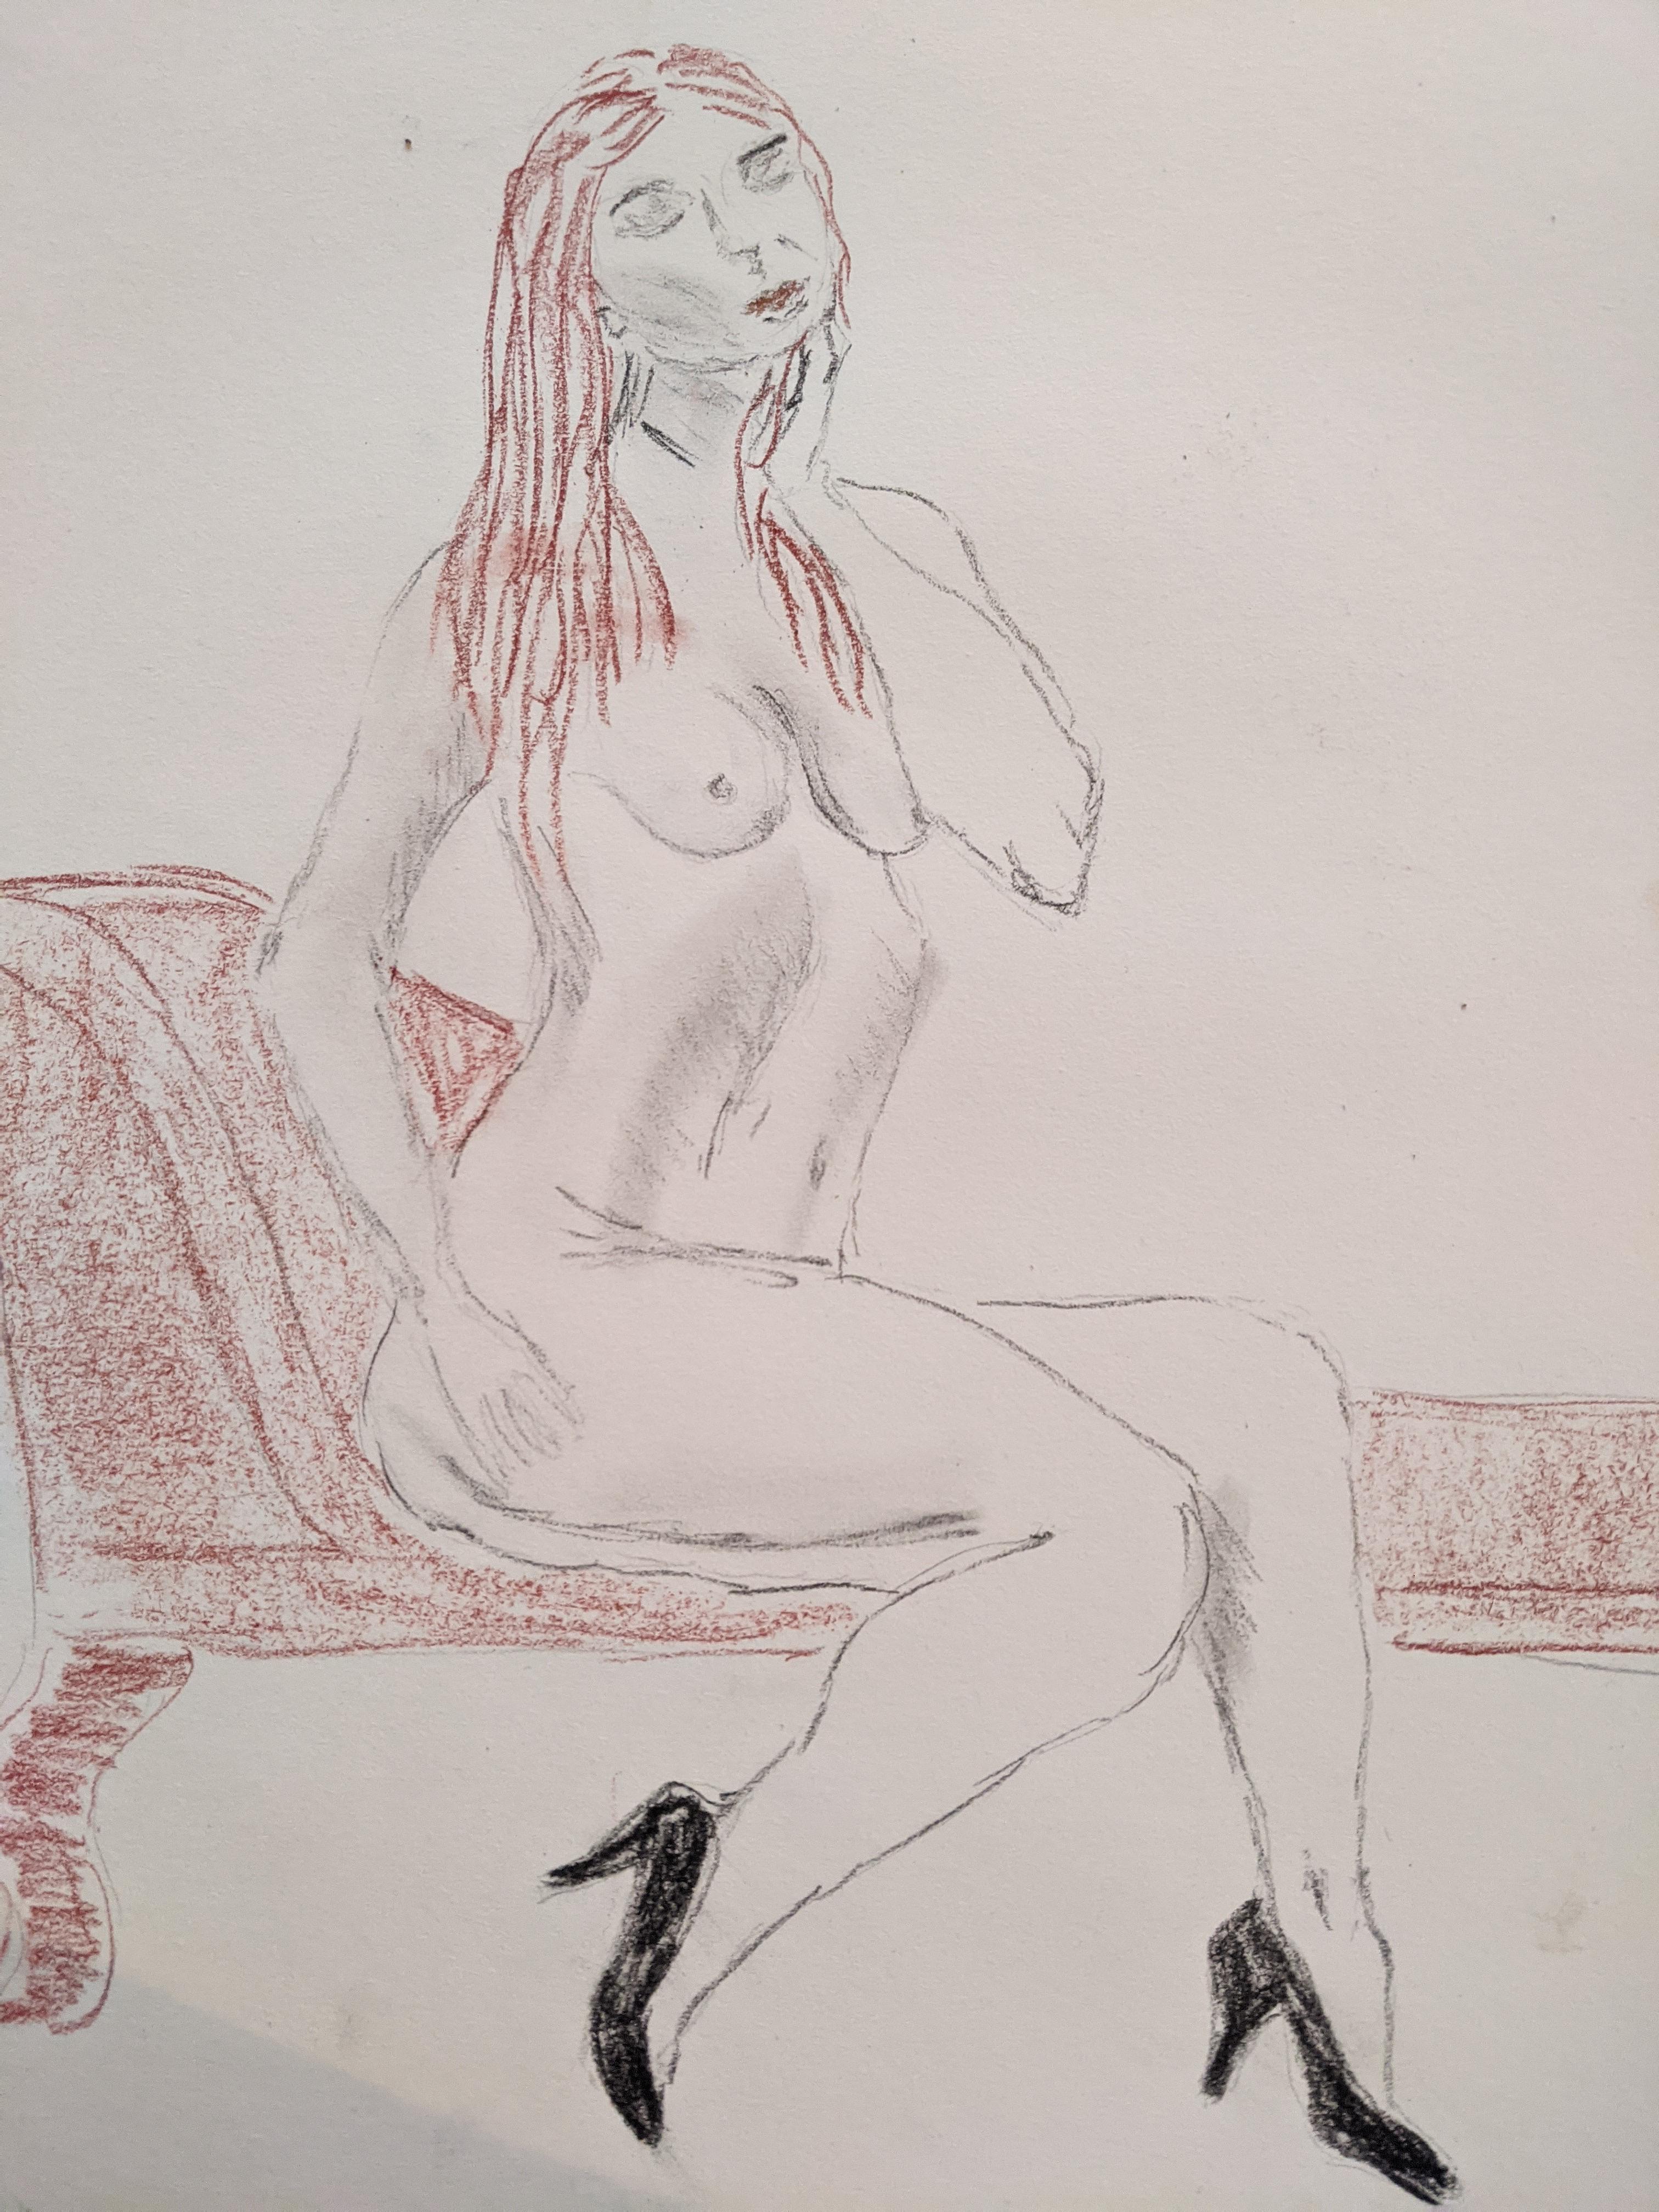 Femme assise dessin craie sanguine et Graphics sur papier  cours de dessin